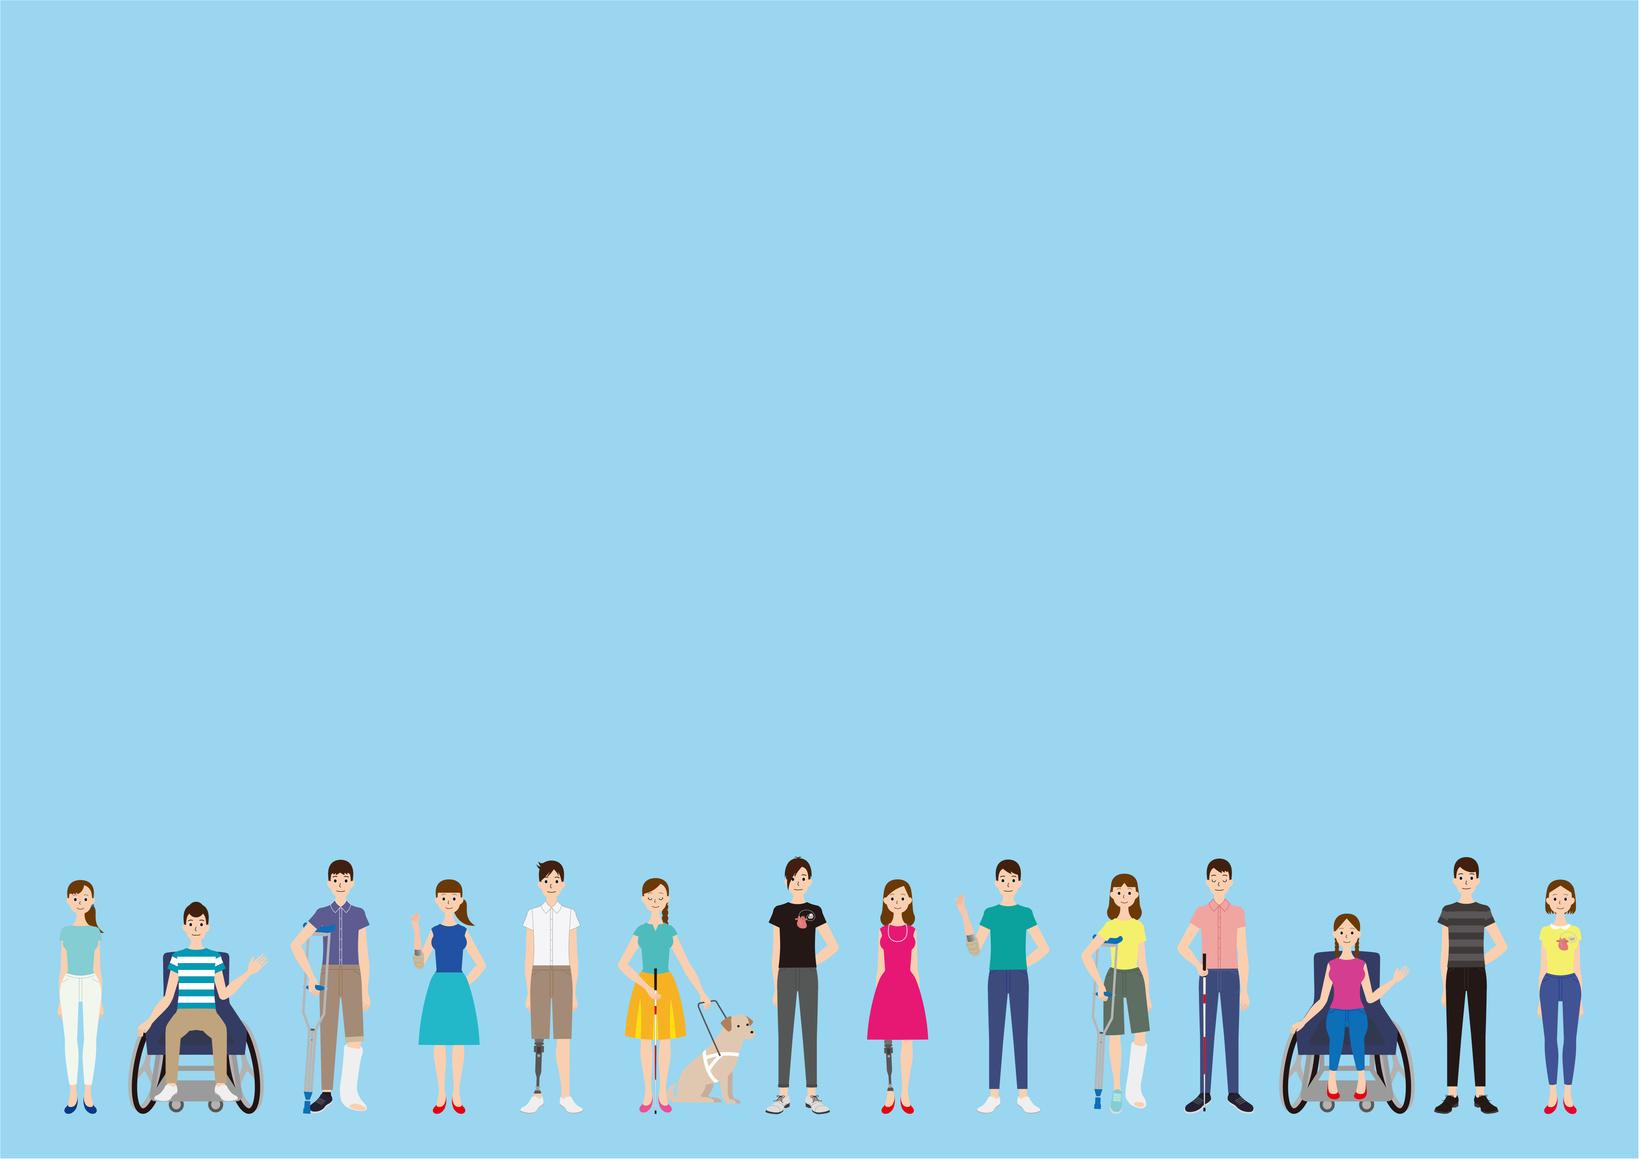 社会保険とは?人々の暮らしの屋台骨となる制度をわかりやすく解説。